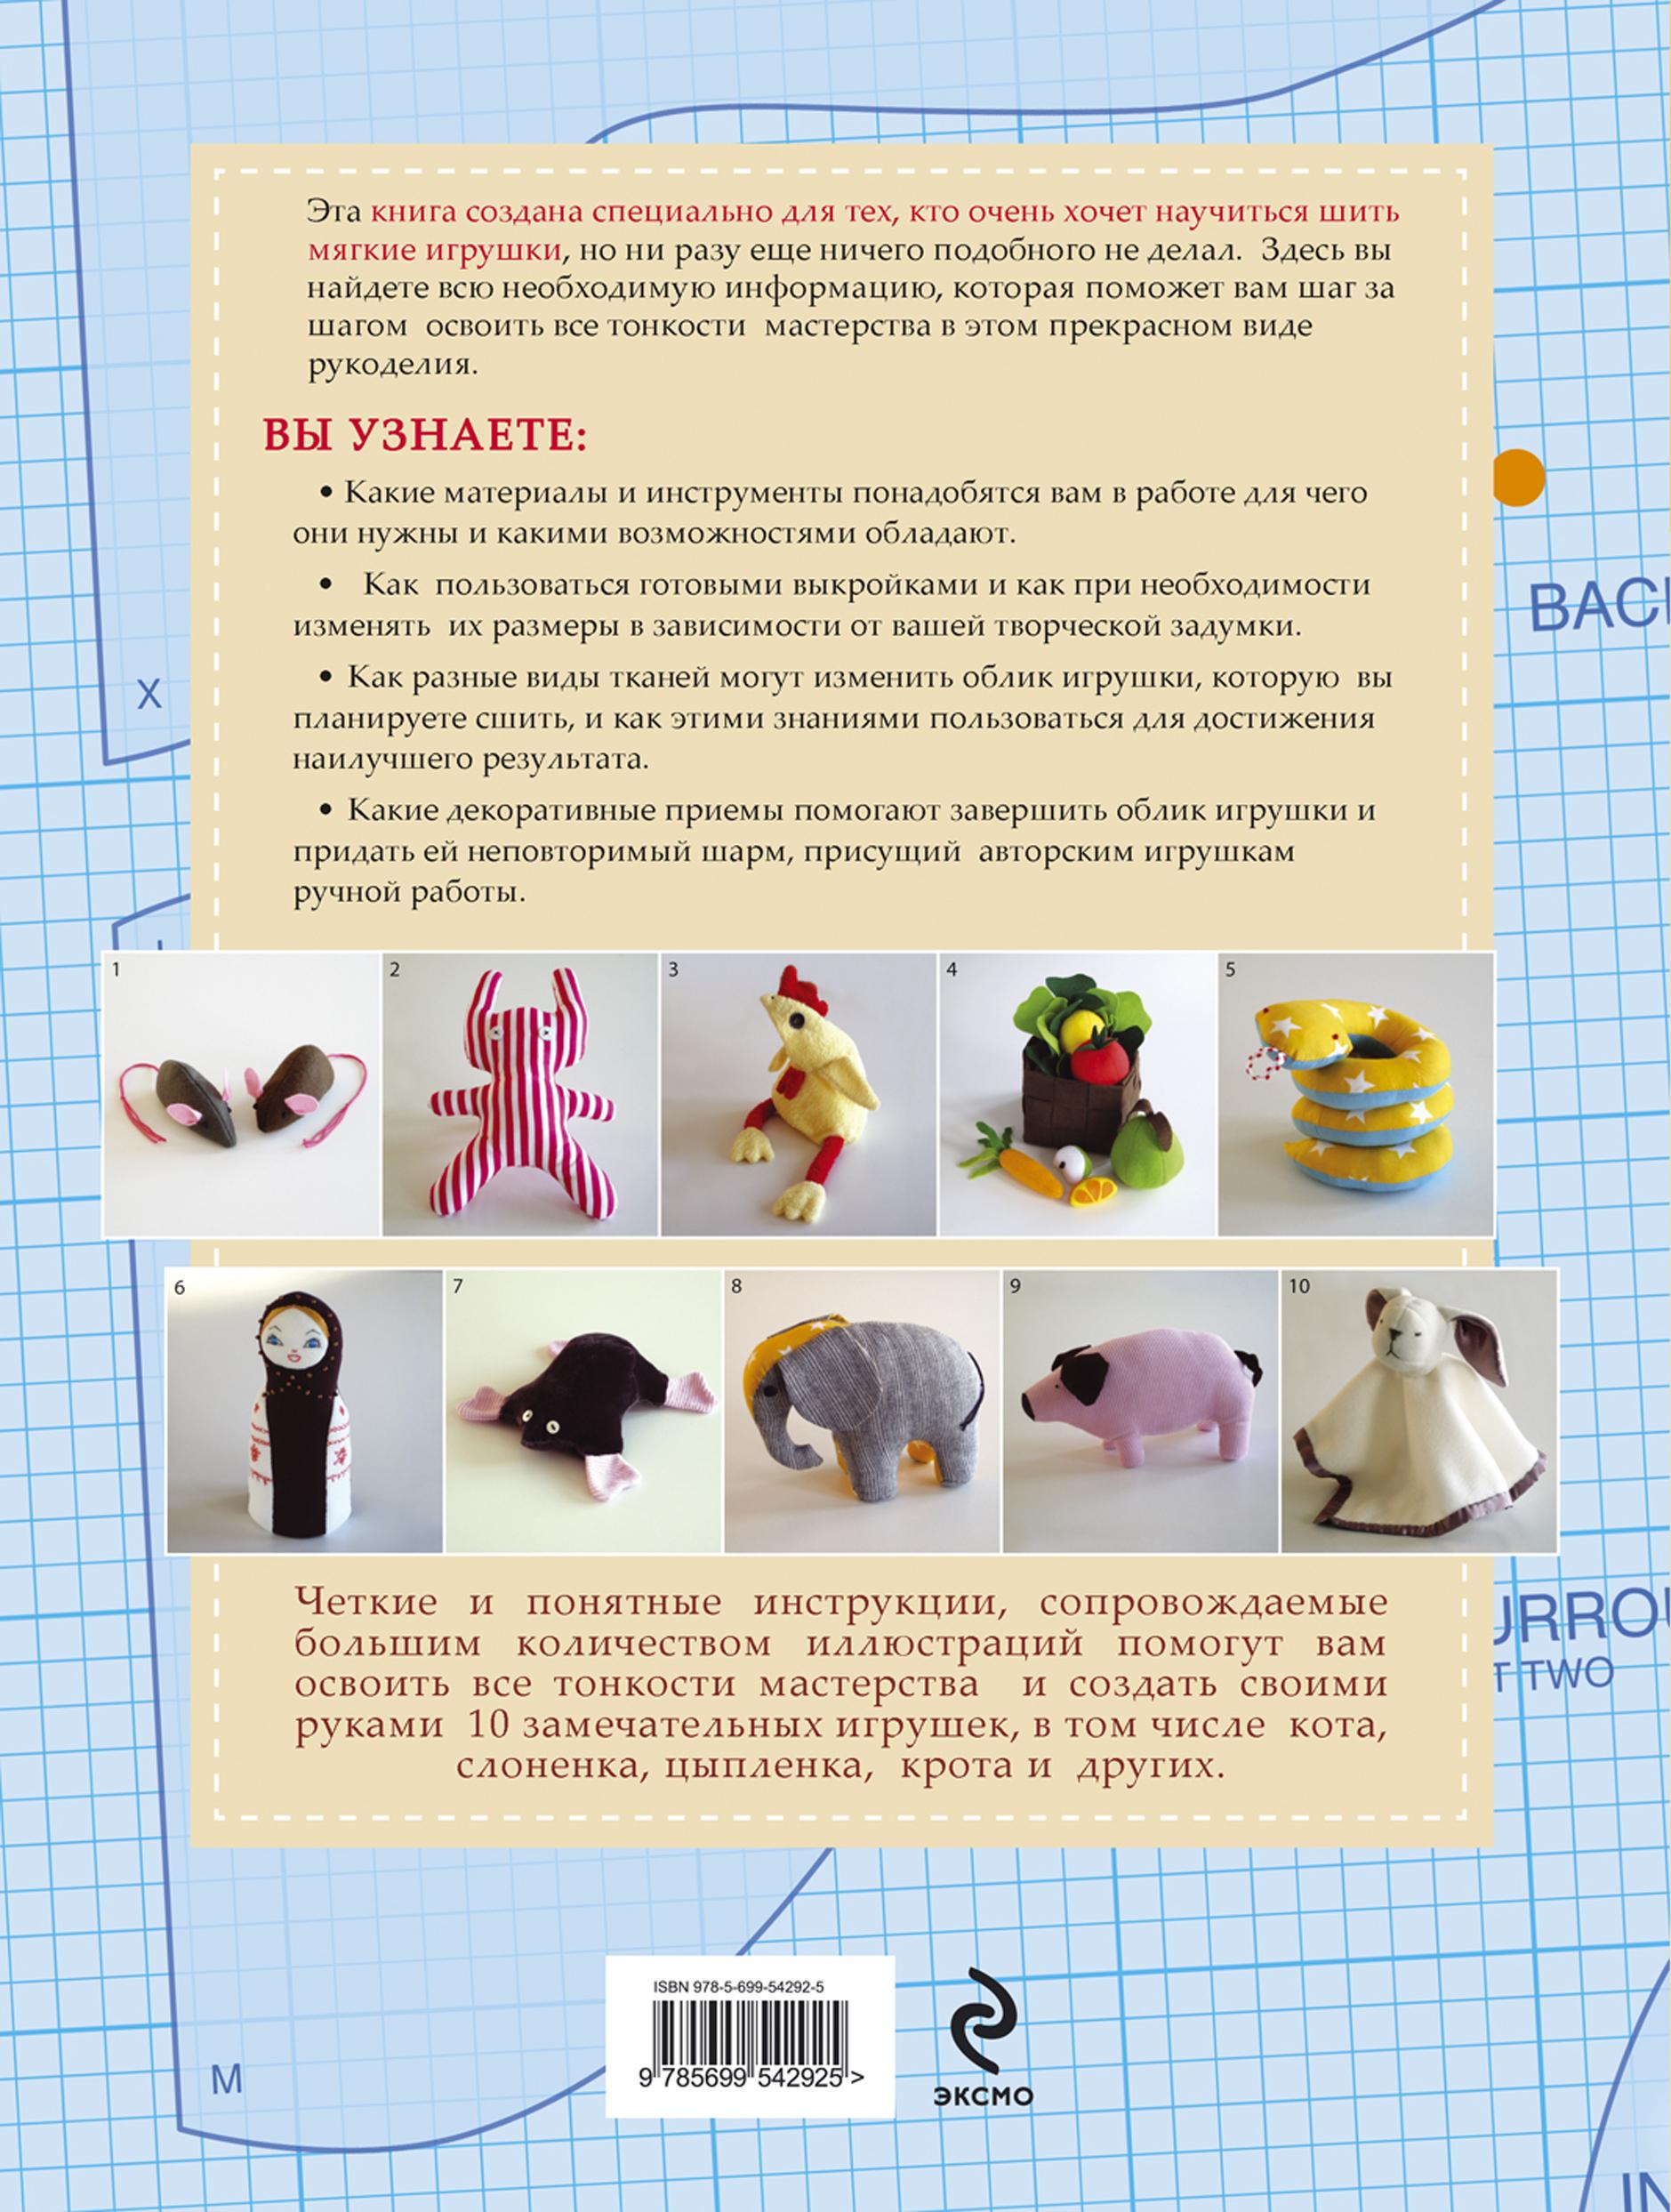 Шитье мягких игрушек своими руками приемы шитья для начинающих